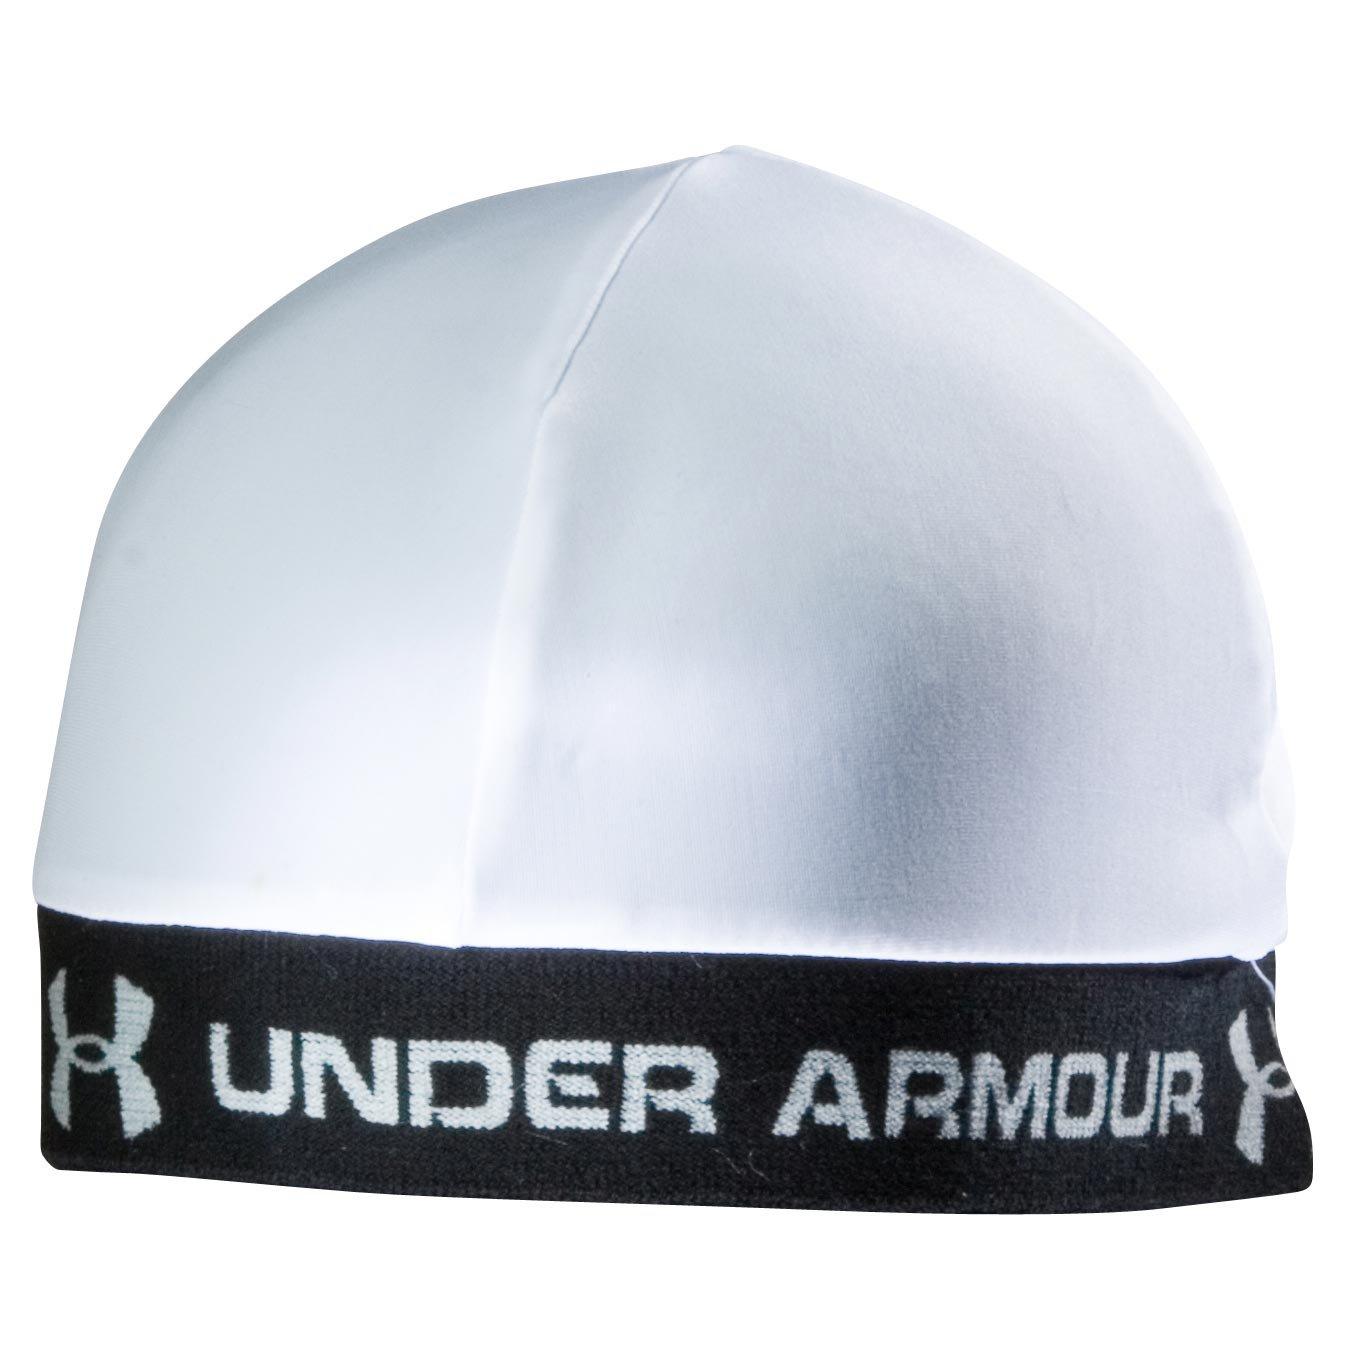 under armour black skull cap